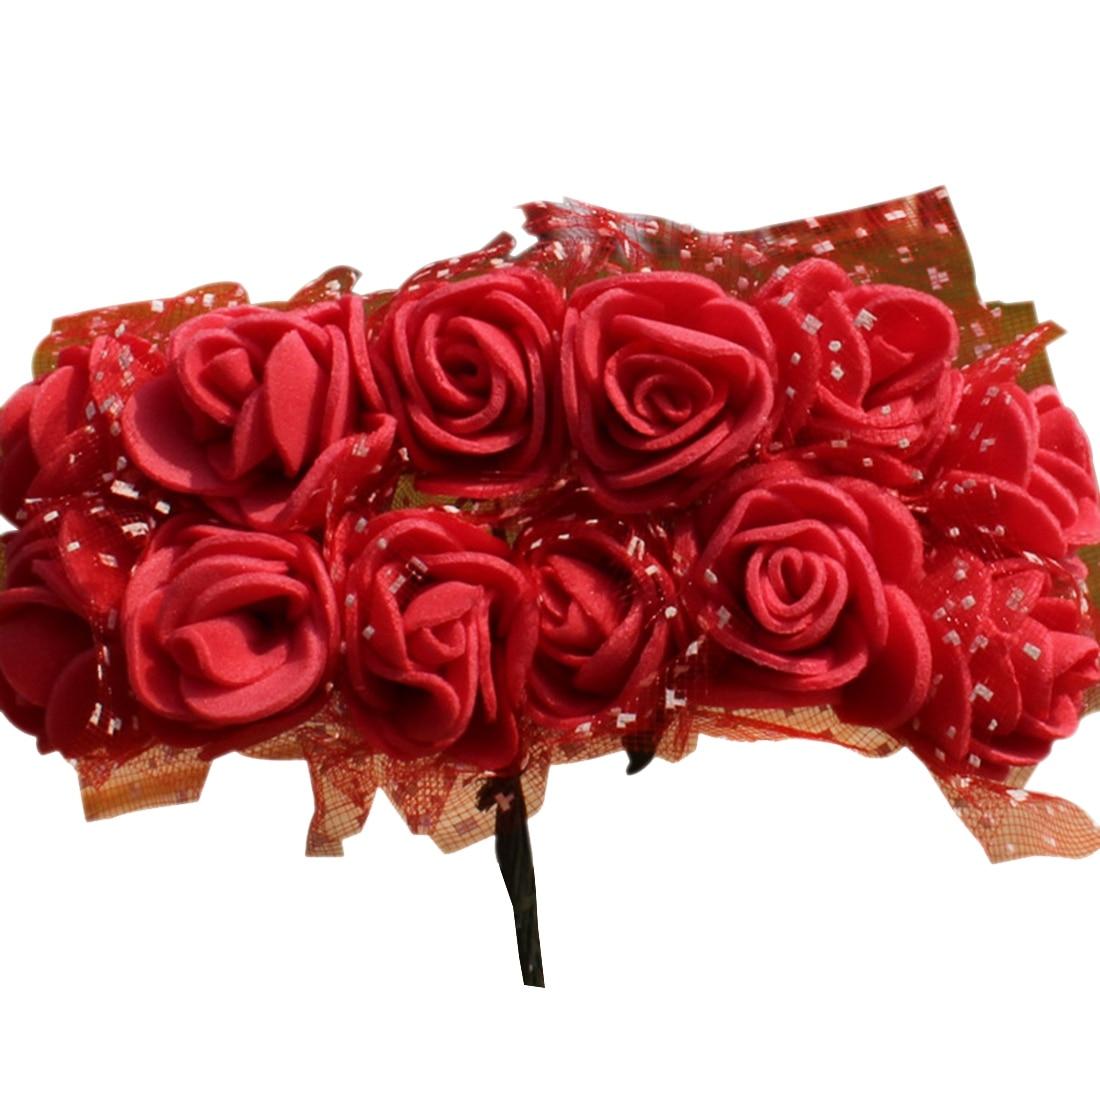 UESH-144pcs/лот 2 см DIY PE искусственные цветы Роуз Глава с сеткой свадебное домашние декоративные искусственные цветы букет accessori